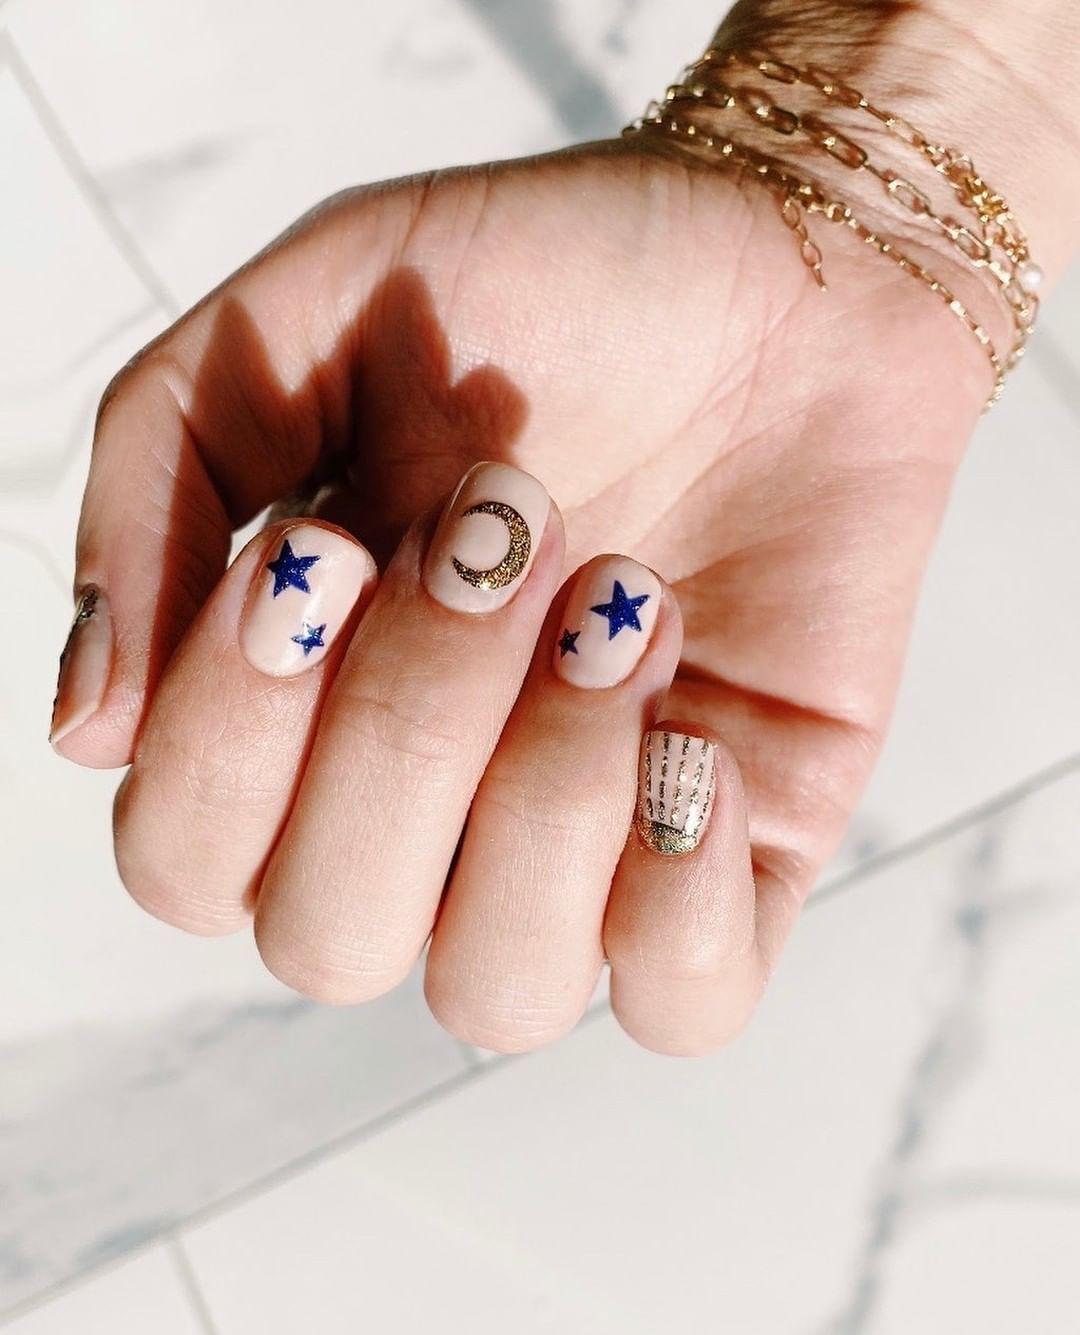 Pin By Nicole On Nails Fun Nails Trendy Nails Nail Designs